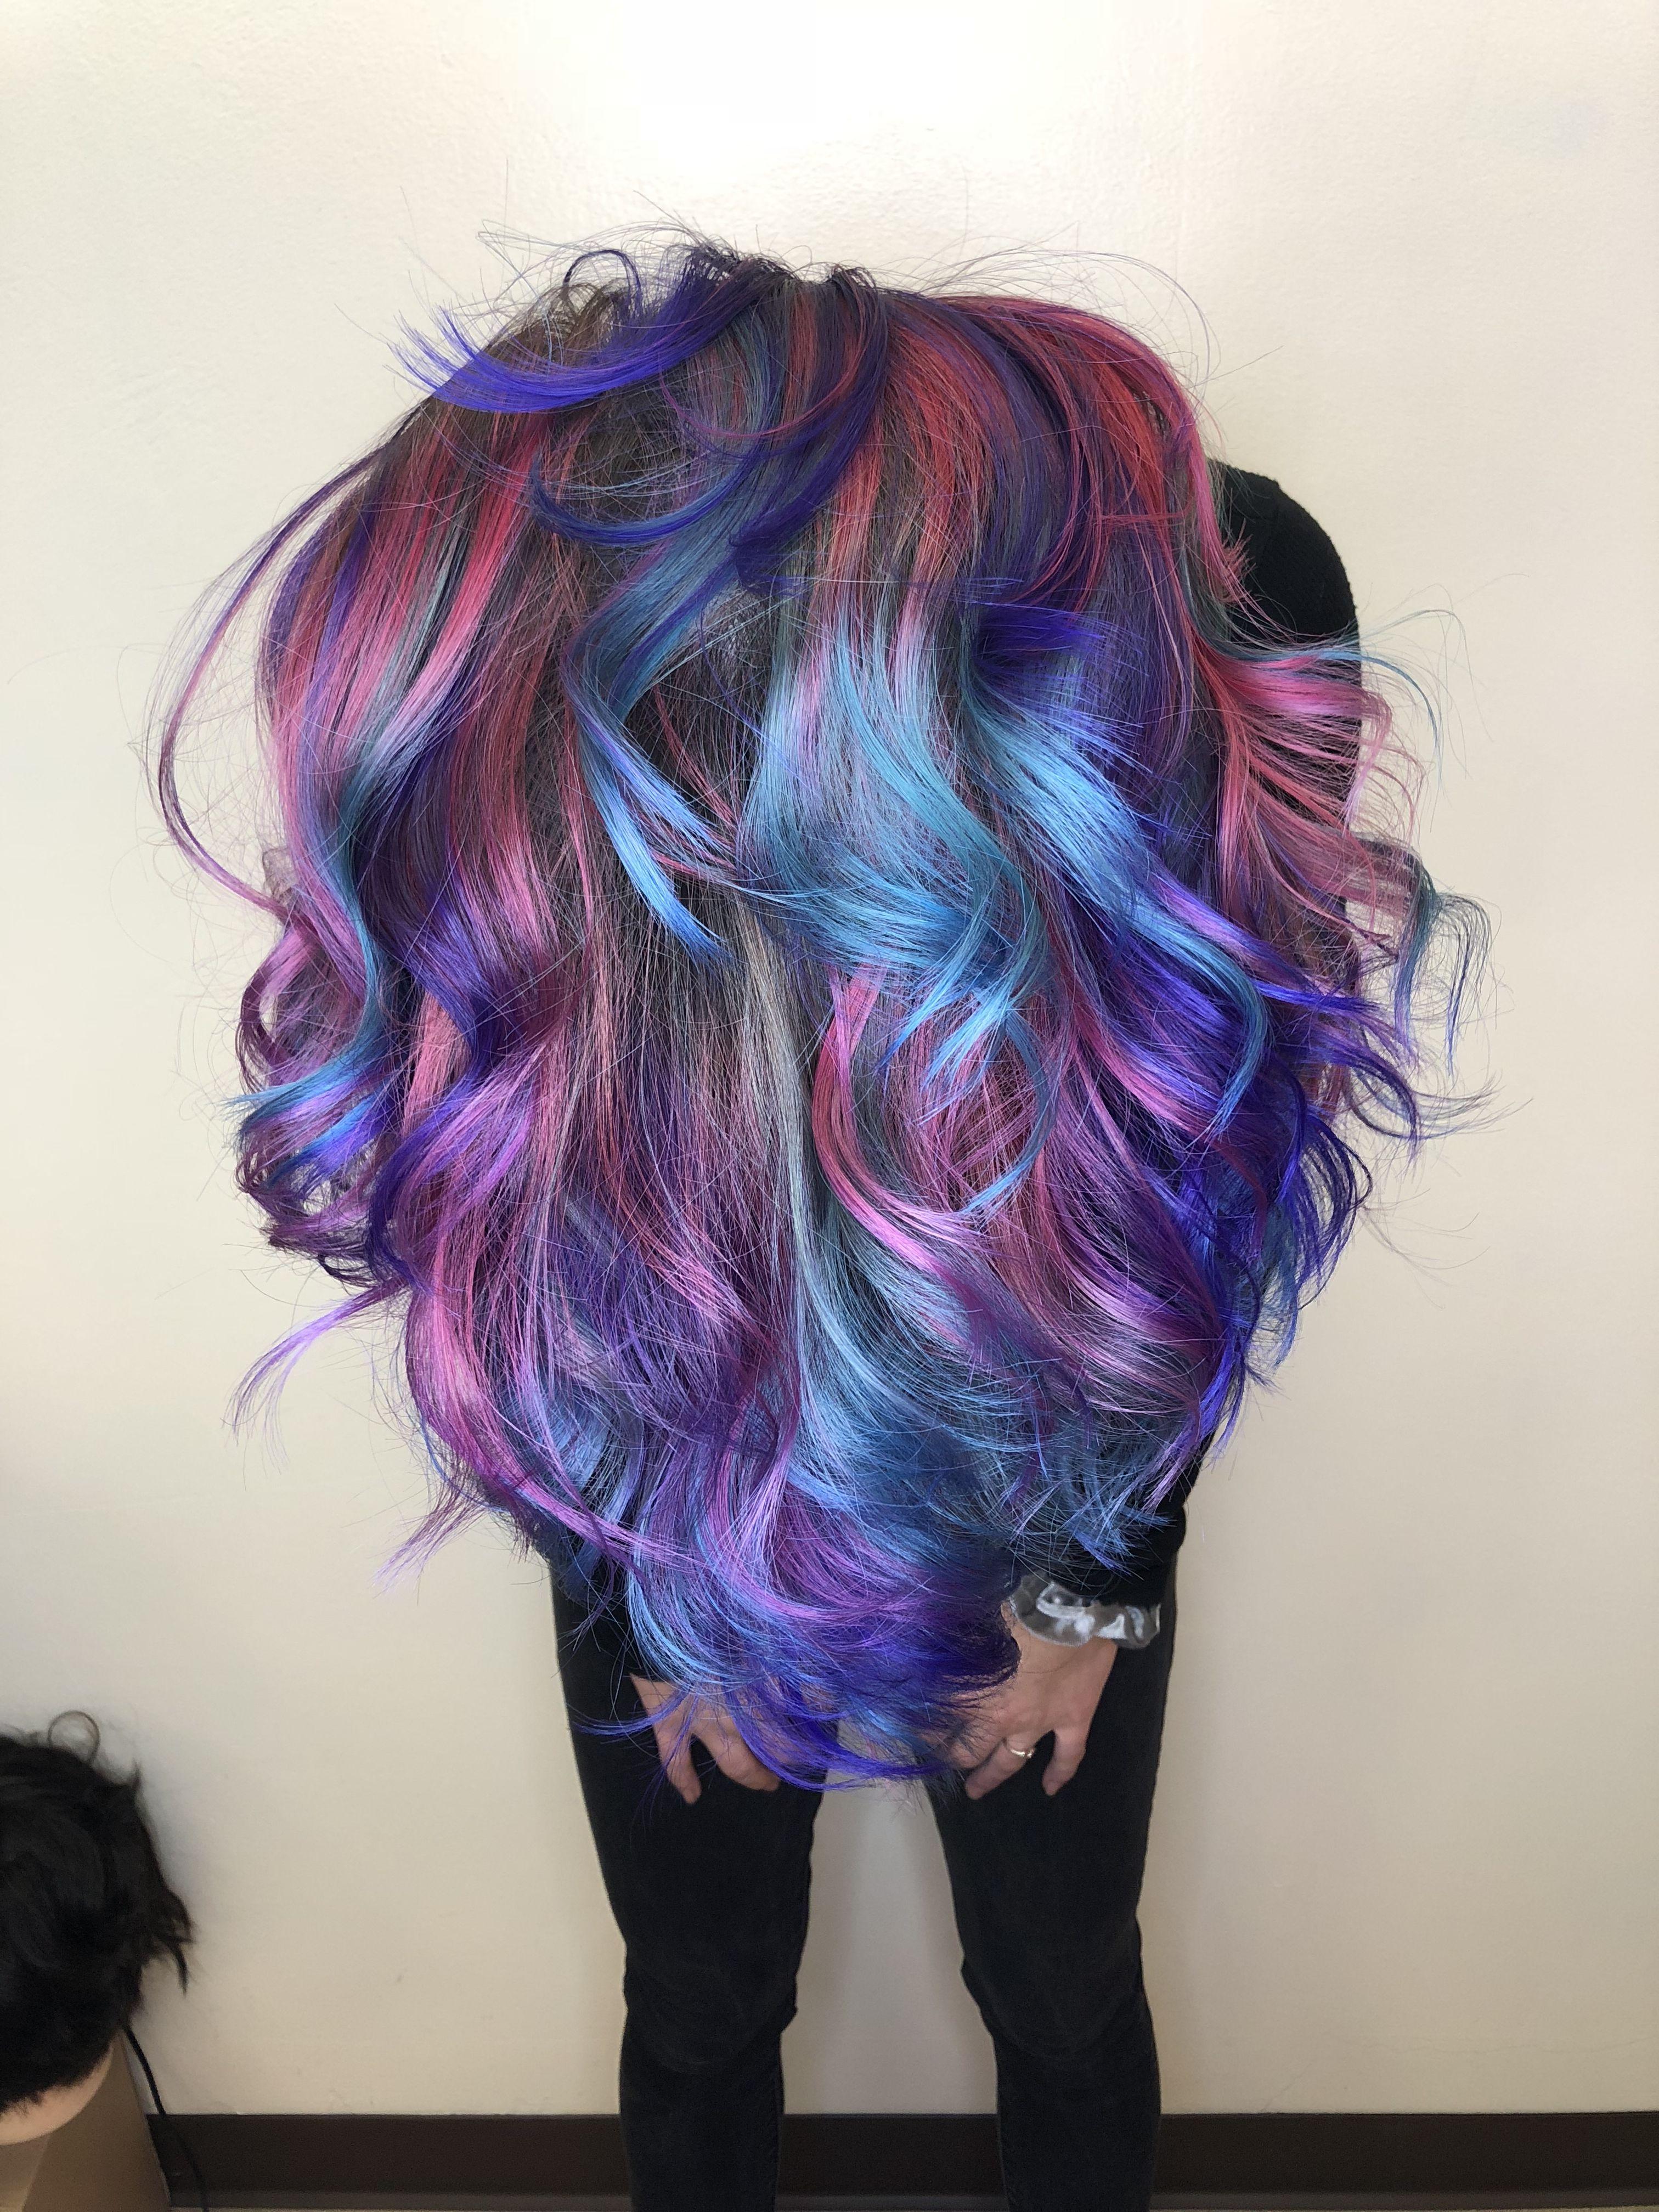 Mermaid Hair Mermaid Mermaidhair Pink Purple Teal Blue Pinkpurpleandtealhair Hair Beachywaves Rainbowhair Hair Styles Hair Beauty Hair